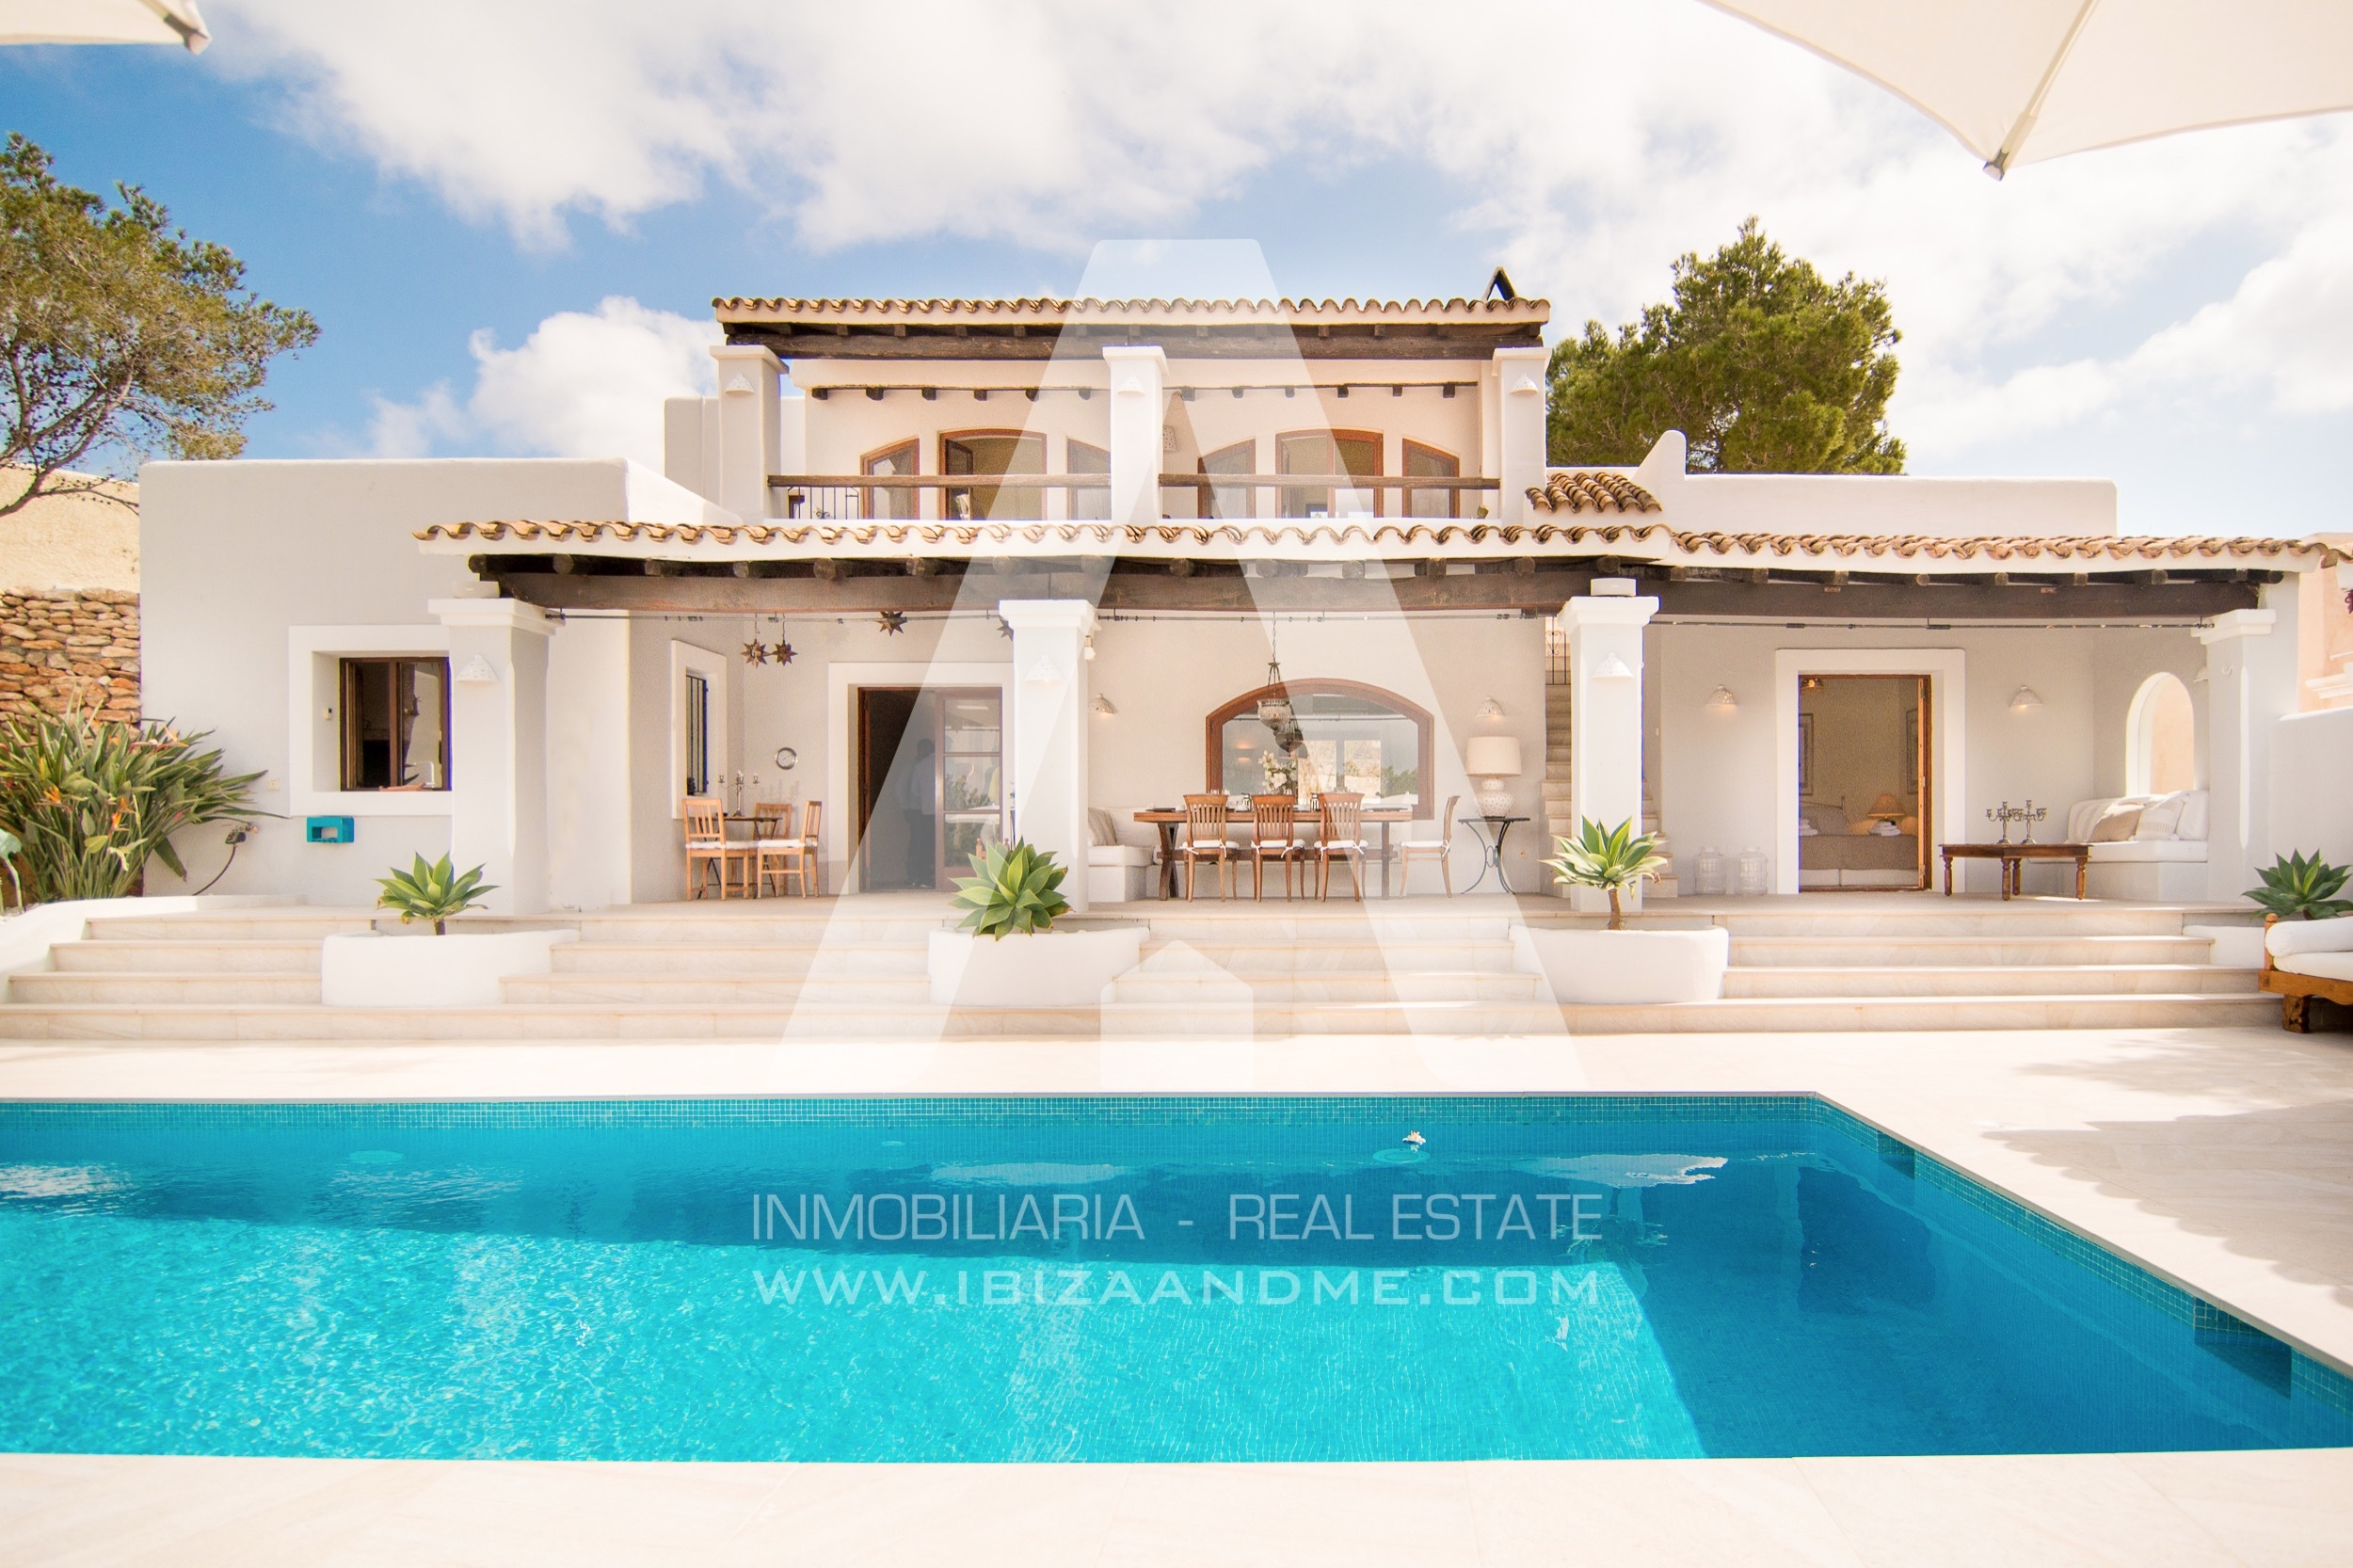 agua_Villa Destino Roca Llisa (155)